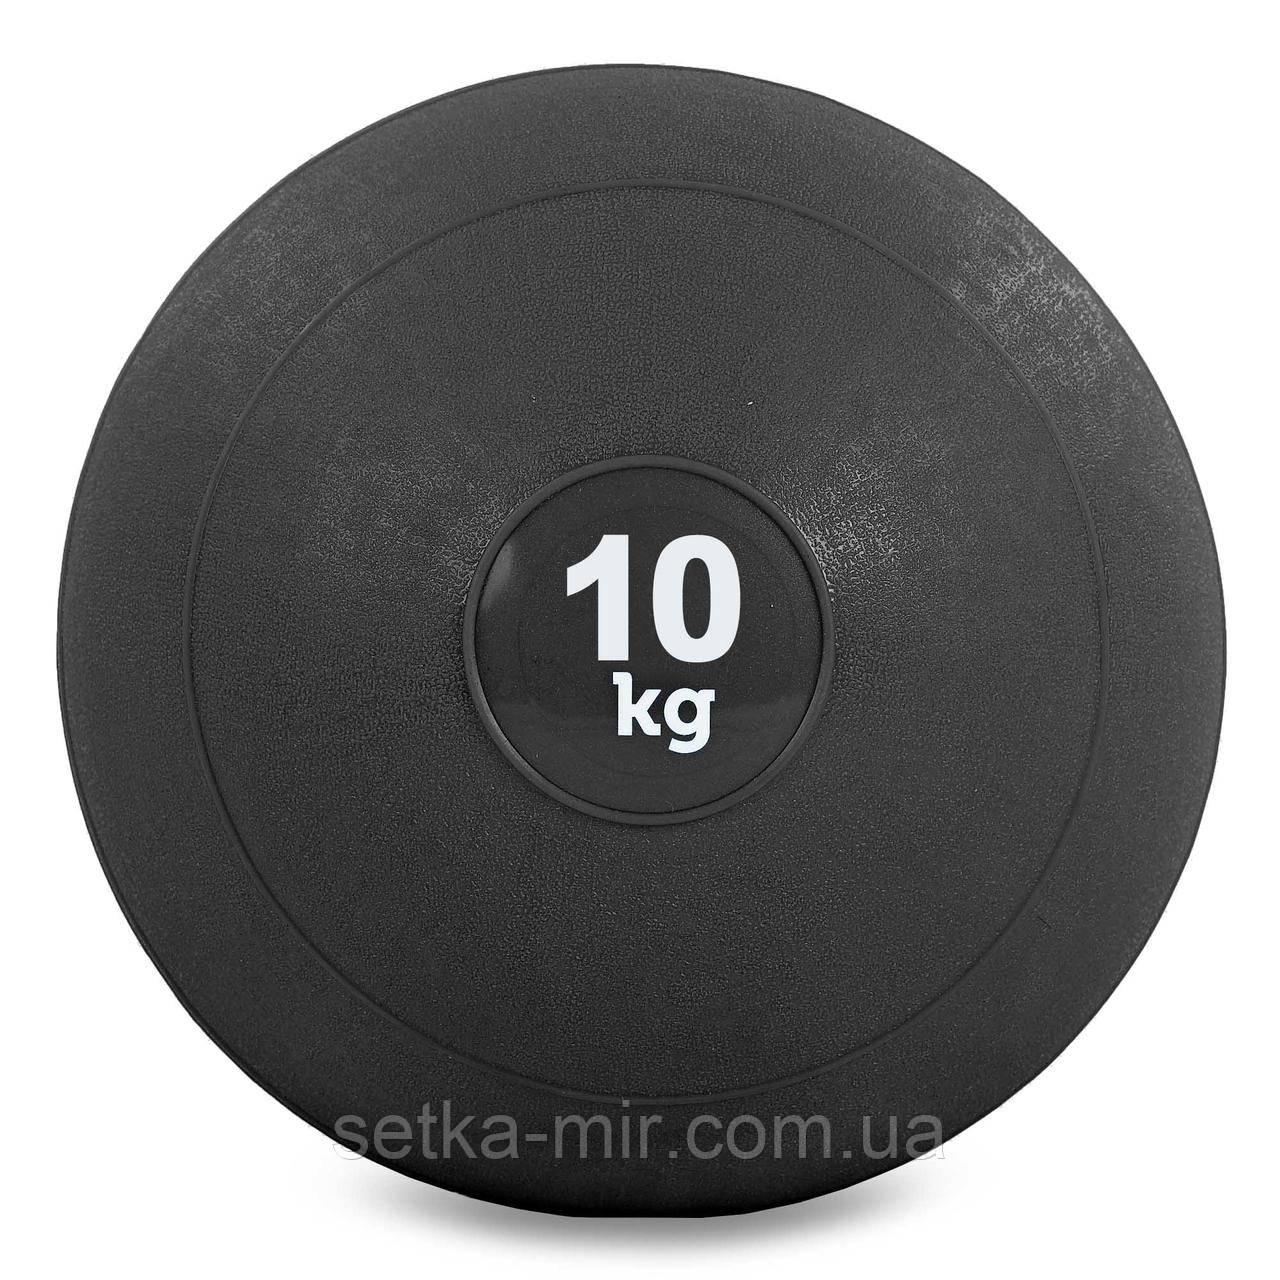 Мяч набивной слэмбол для кроссфита Record SLAM BALL FI-5165-10 10кг